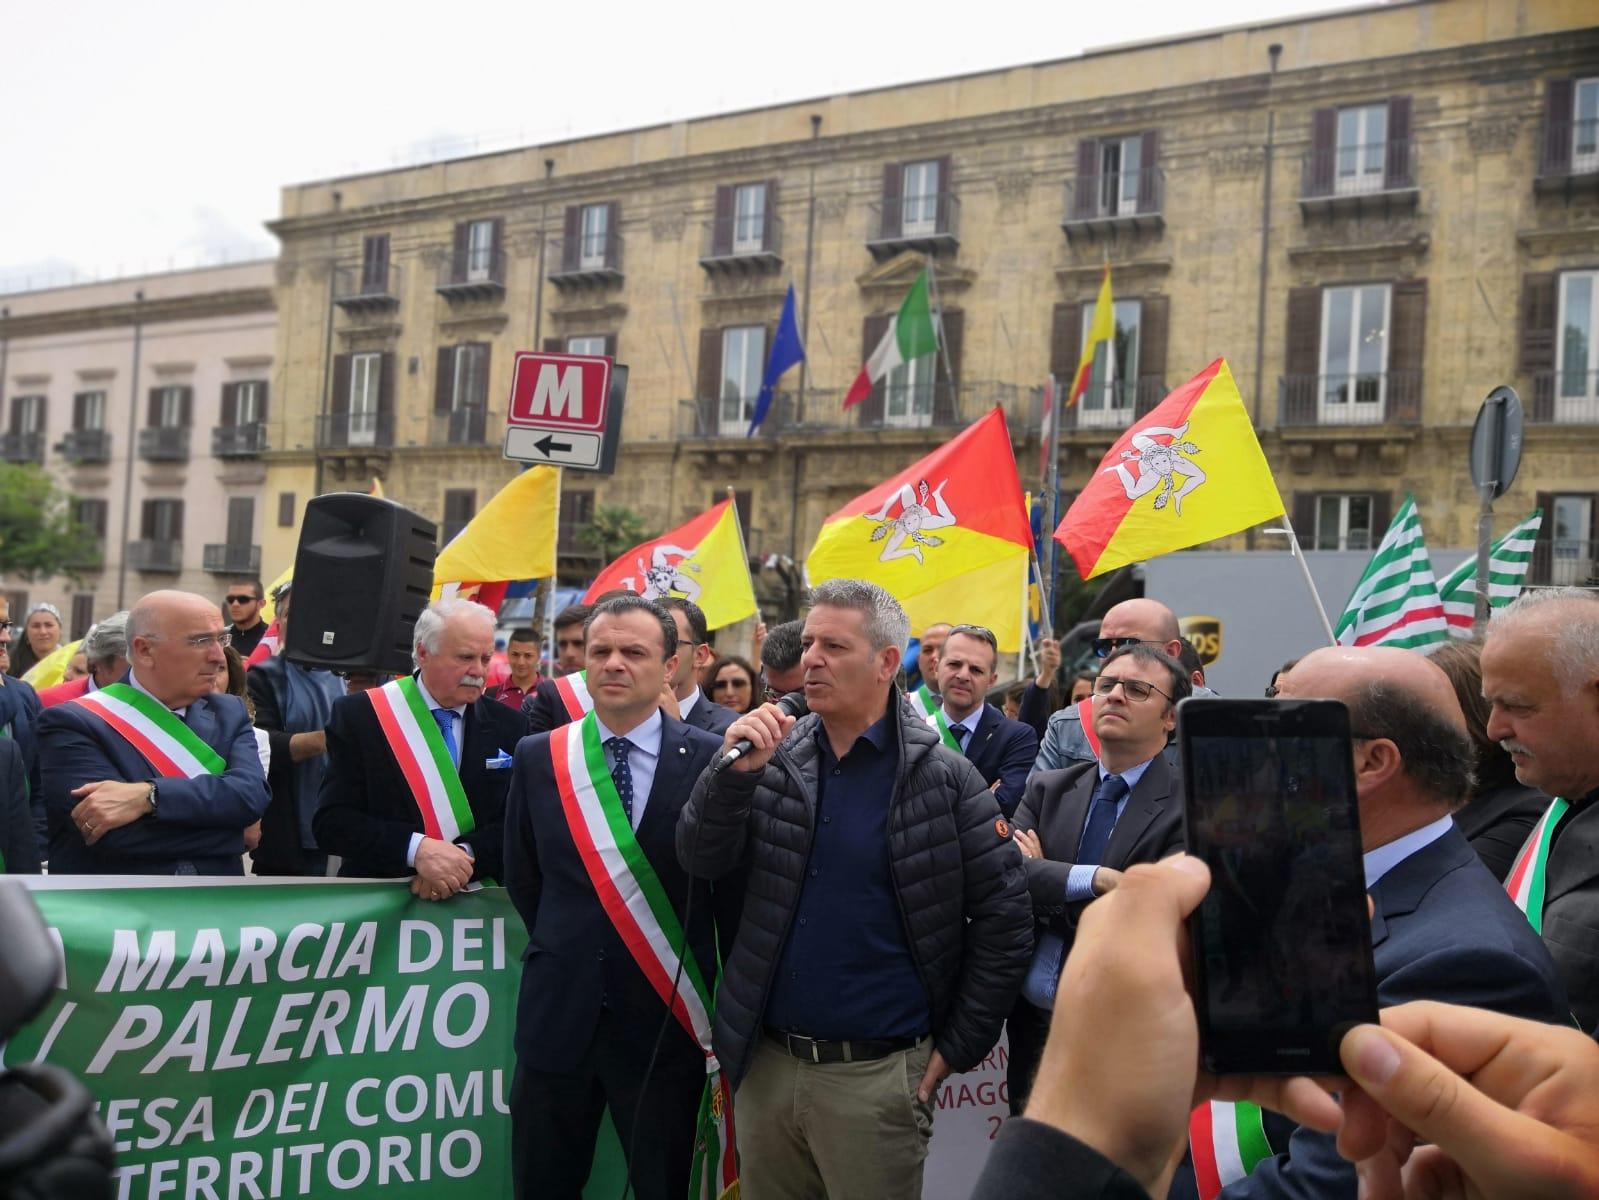 Palermo: marcia dei sindaci a difesa del territorio